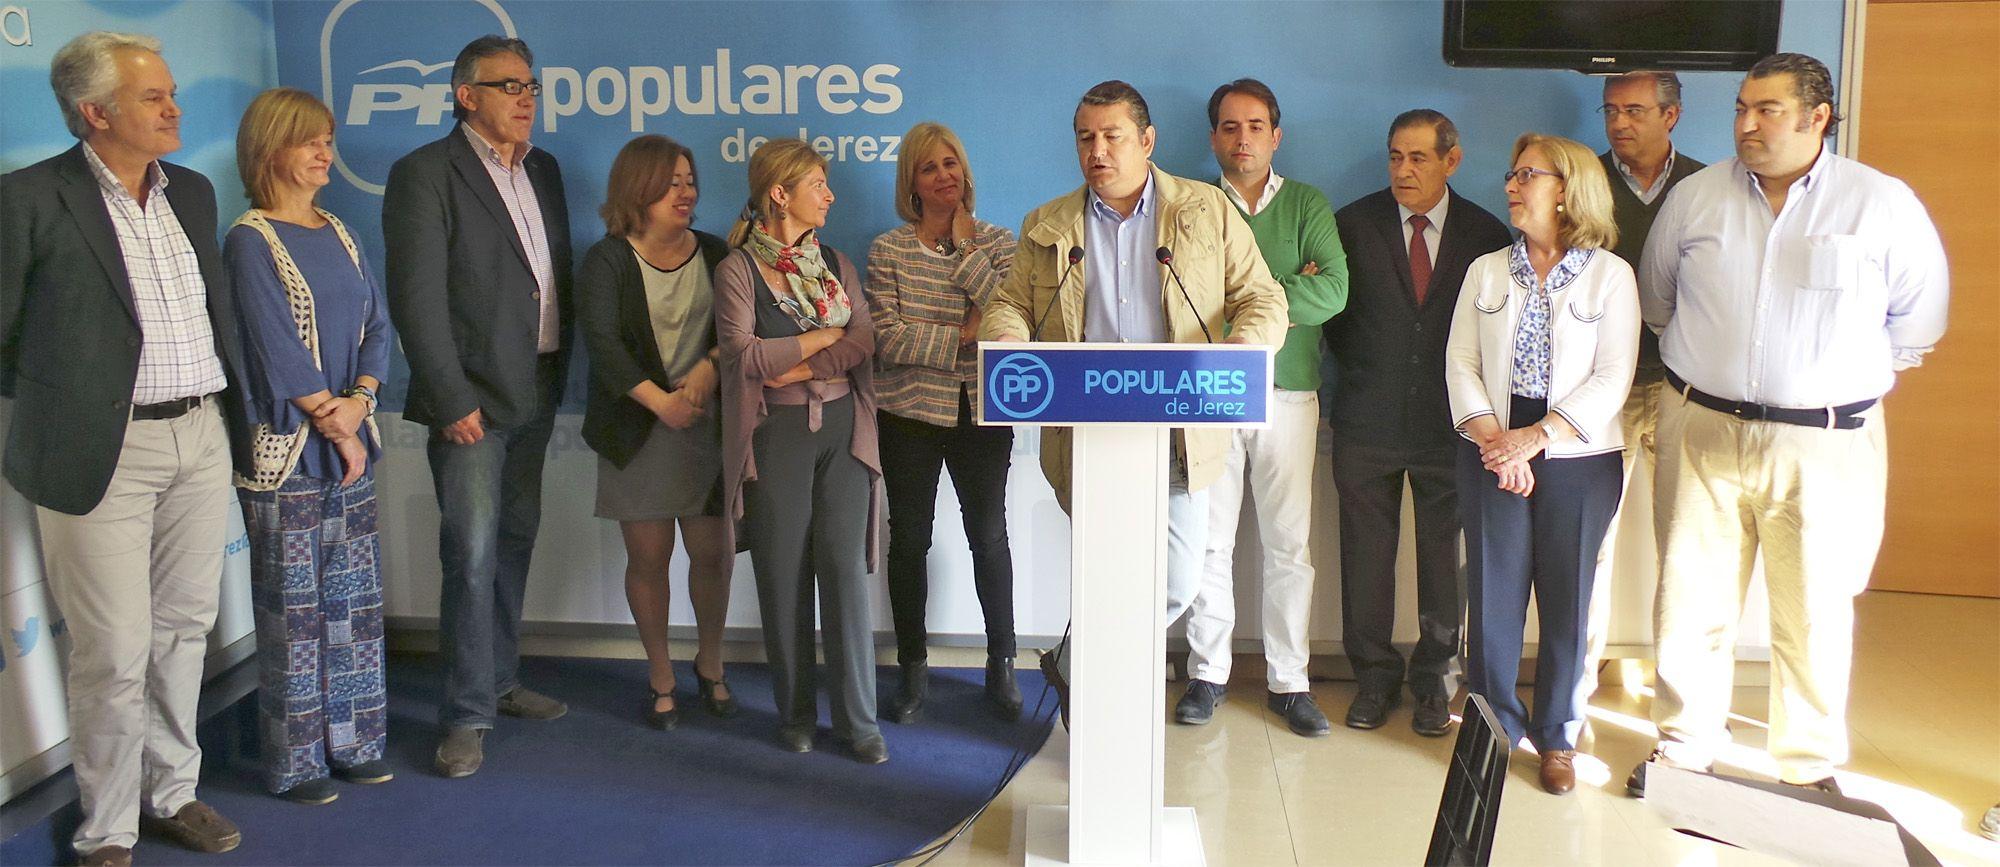 Antonio Sanz, junto a los concejales populares en el Ayuntamiento de Jerez, en apoyo a María José García-Pelayo | MIRA Comunicación